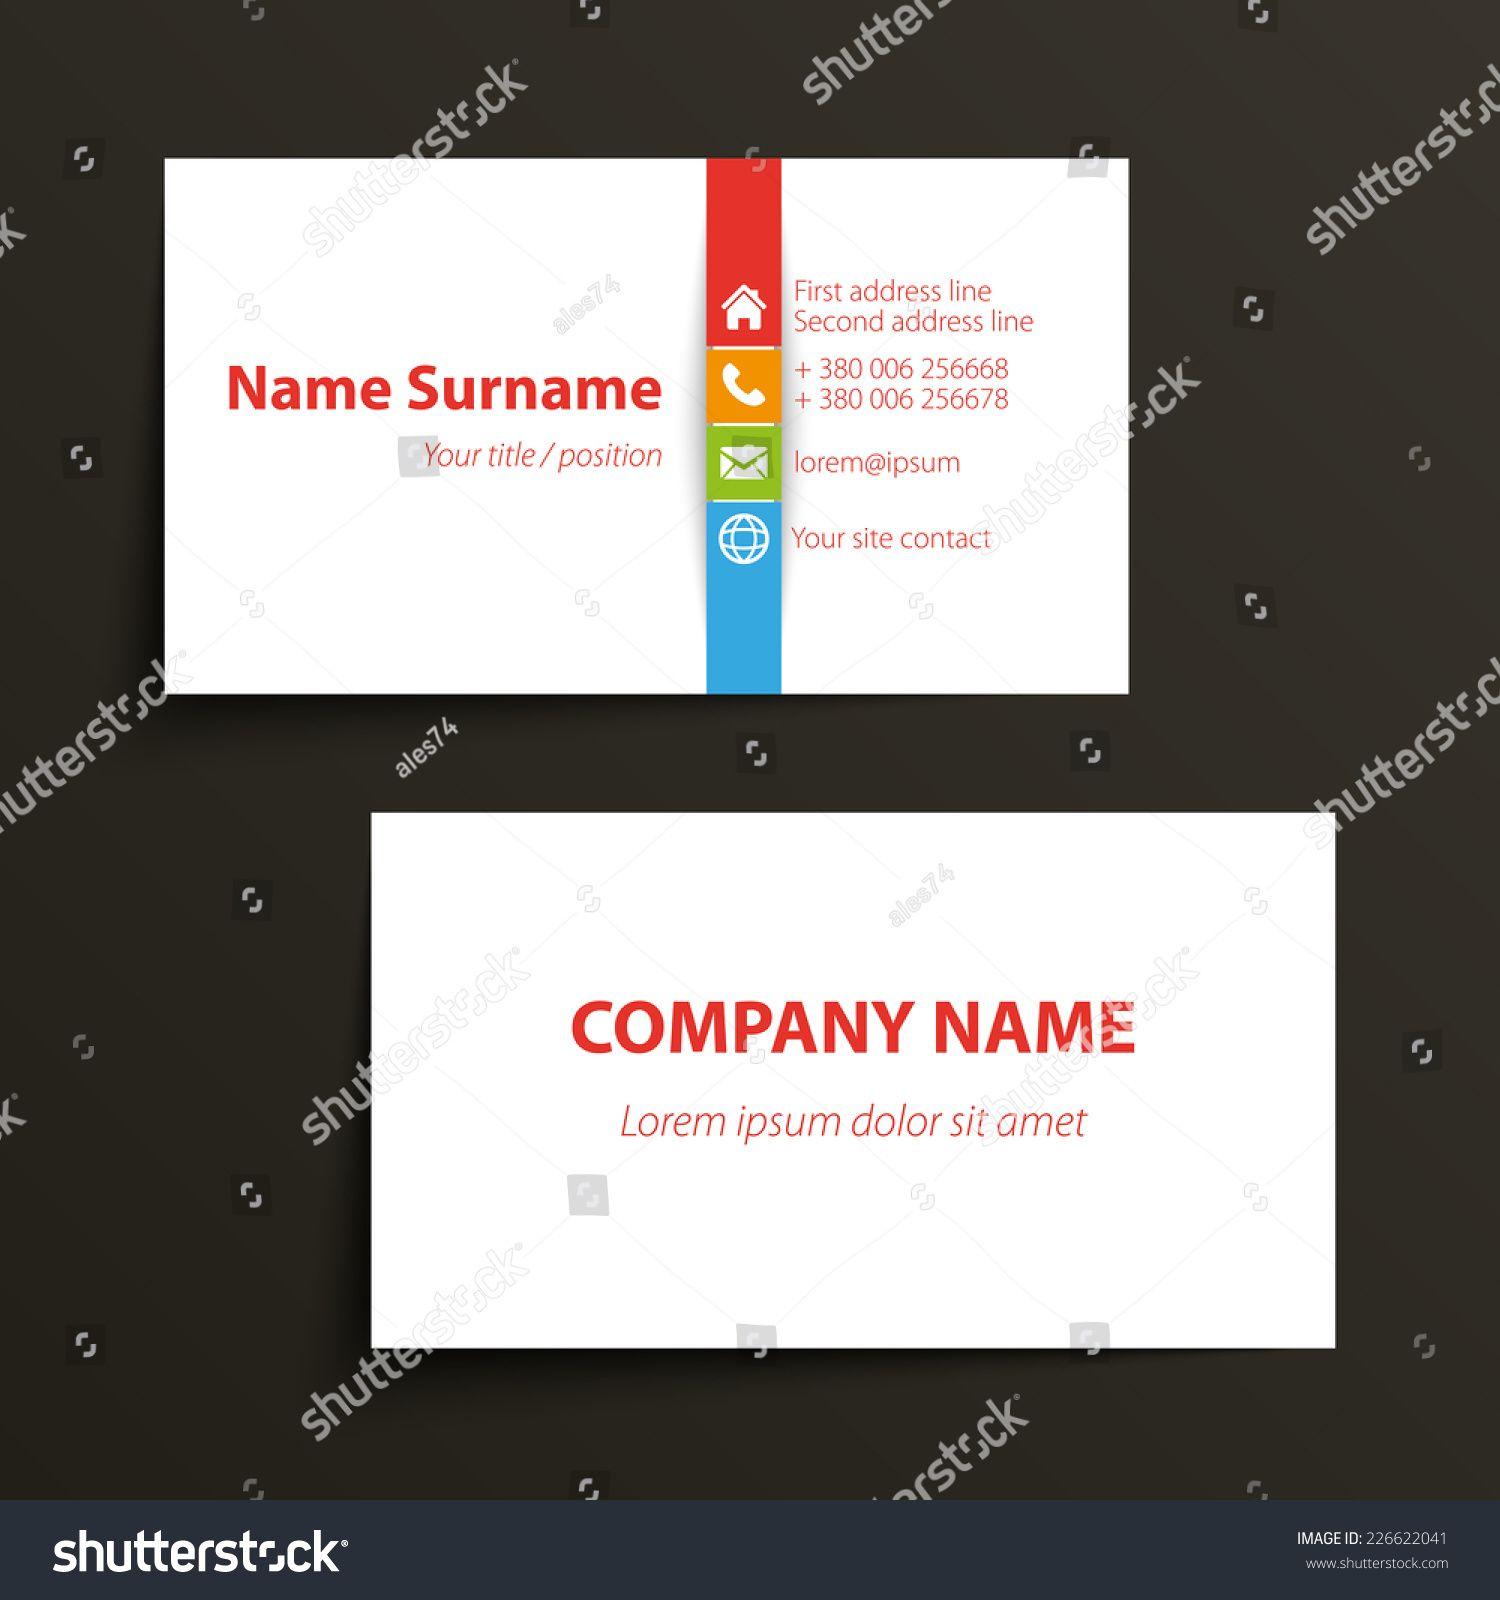 Einfache Business Card Vorlage Photoshop Sowie Minimale